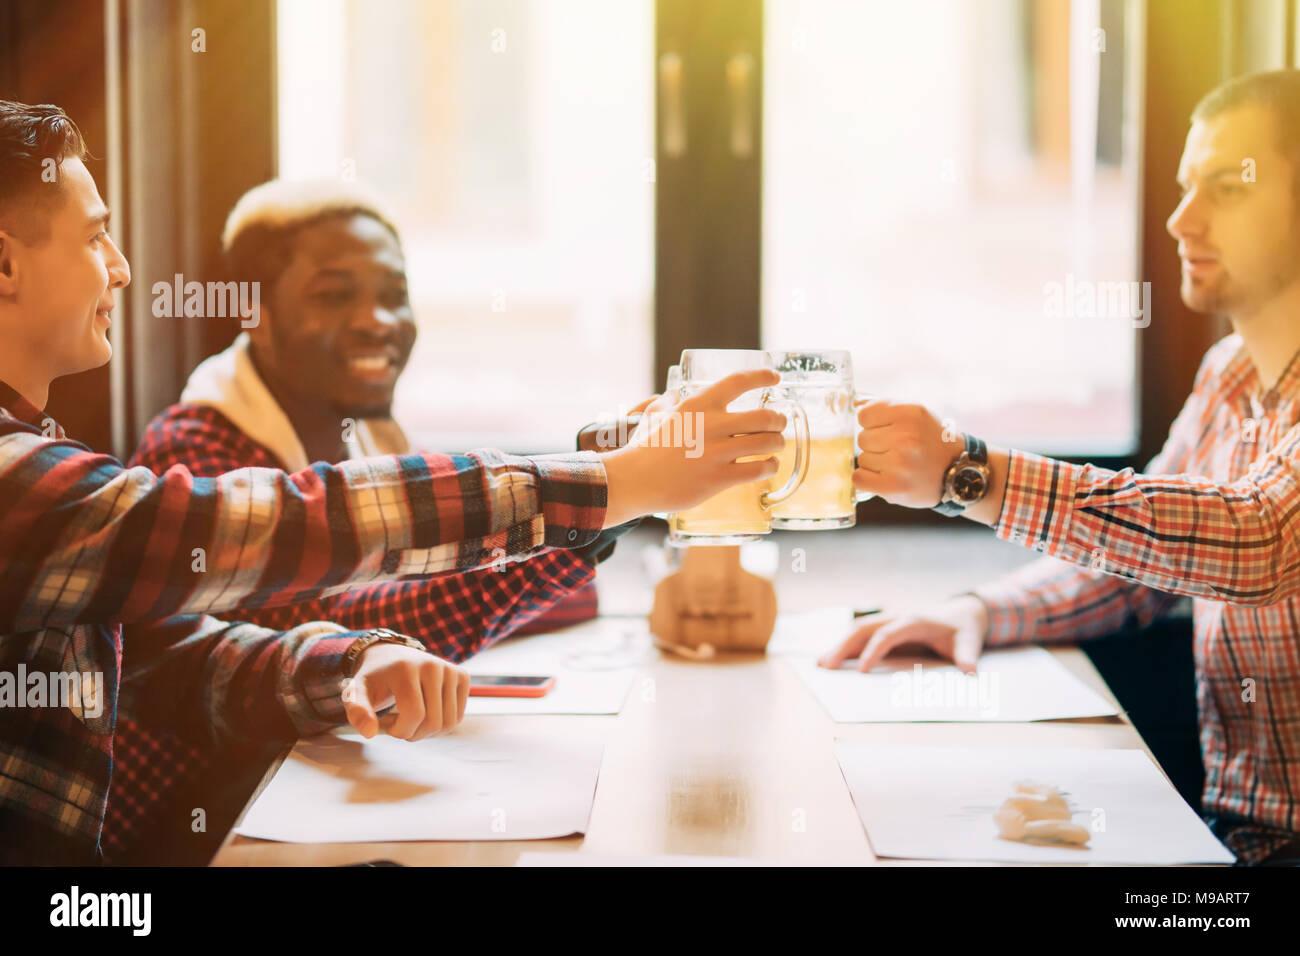 La gente, los hombres, el ocio, la amistad y la celebración concepto - feliz amigos varones bebiendo cerveza y vasos tintineo en el bar o pub Imagen De Stock